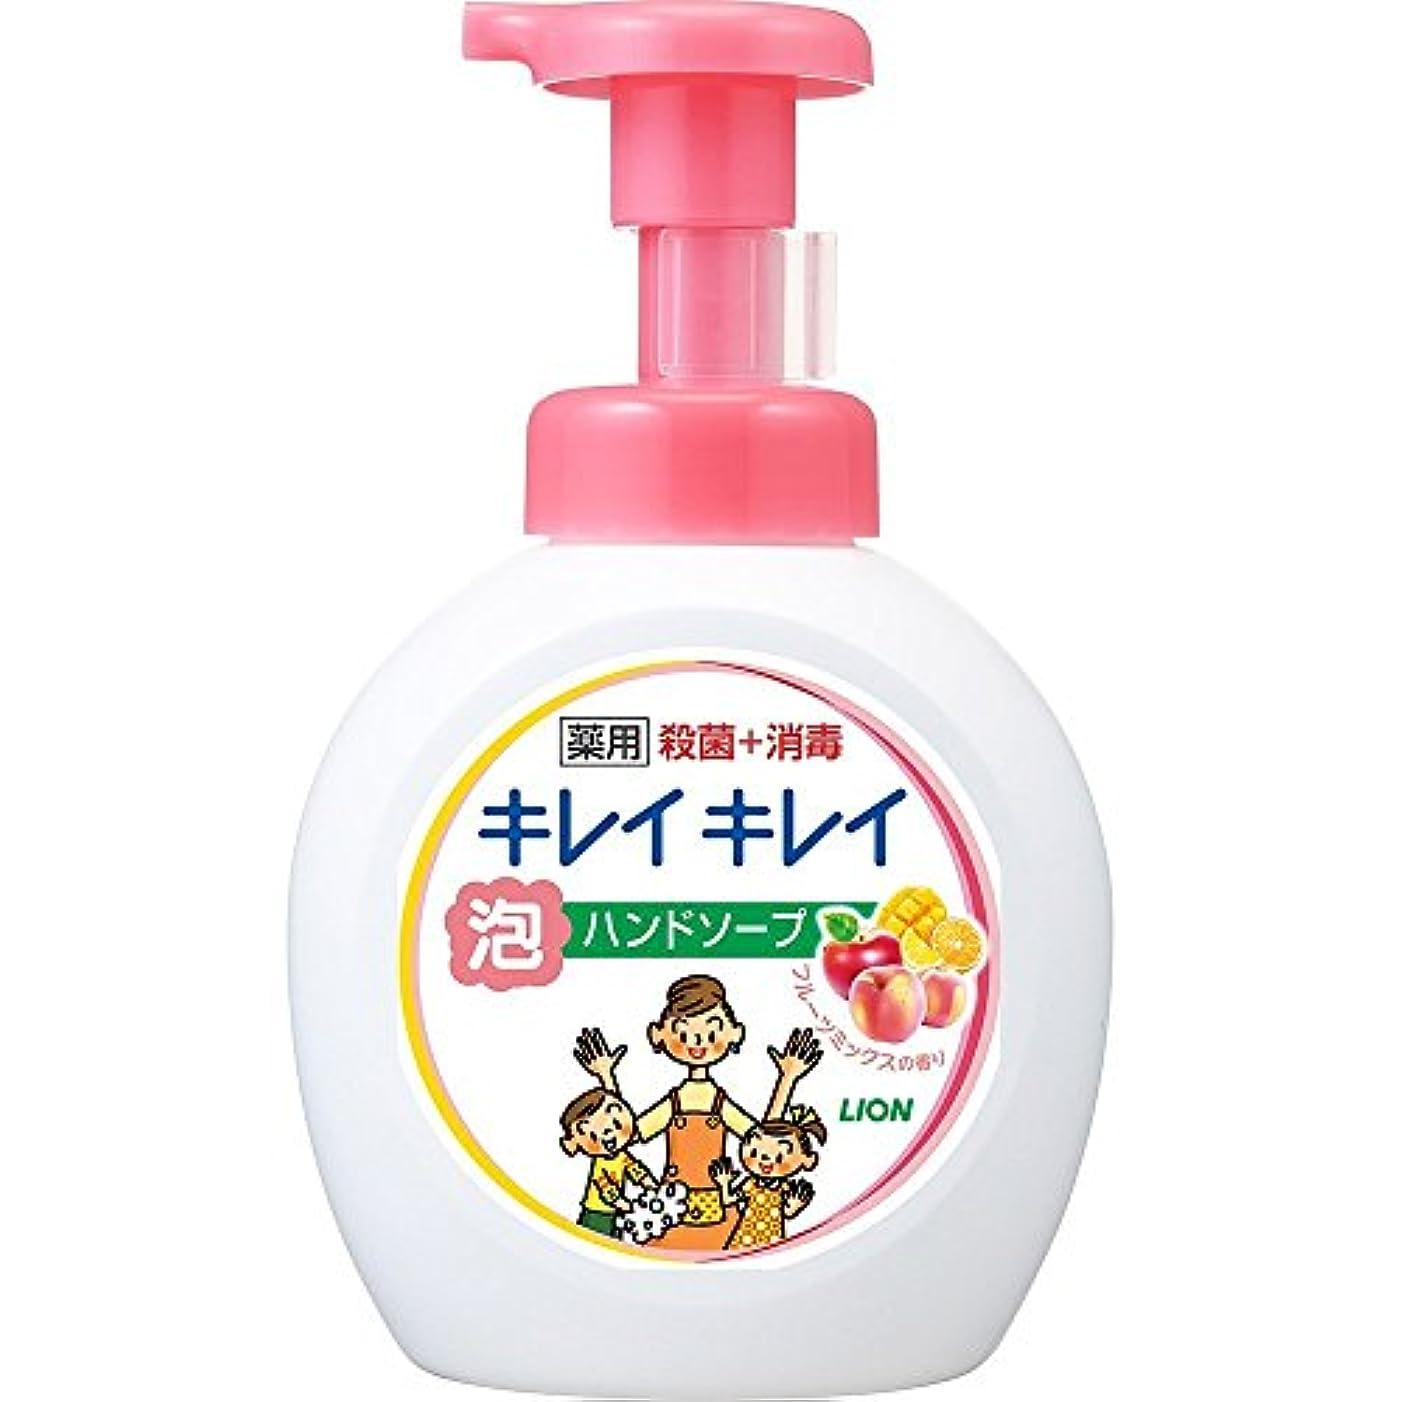 それによって機動規模キレイキレイ 薬用 泡ハンドソープ フルーツミックスの香り 本体ポンプ 大型サイズ 500ml(医薬部外品)